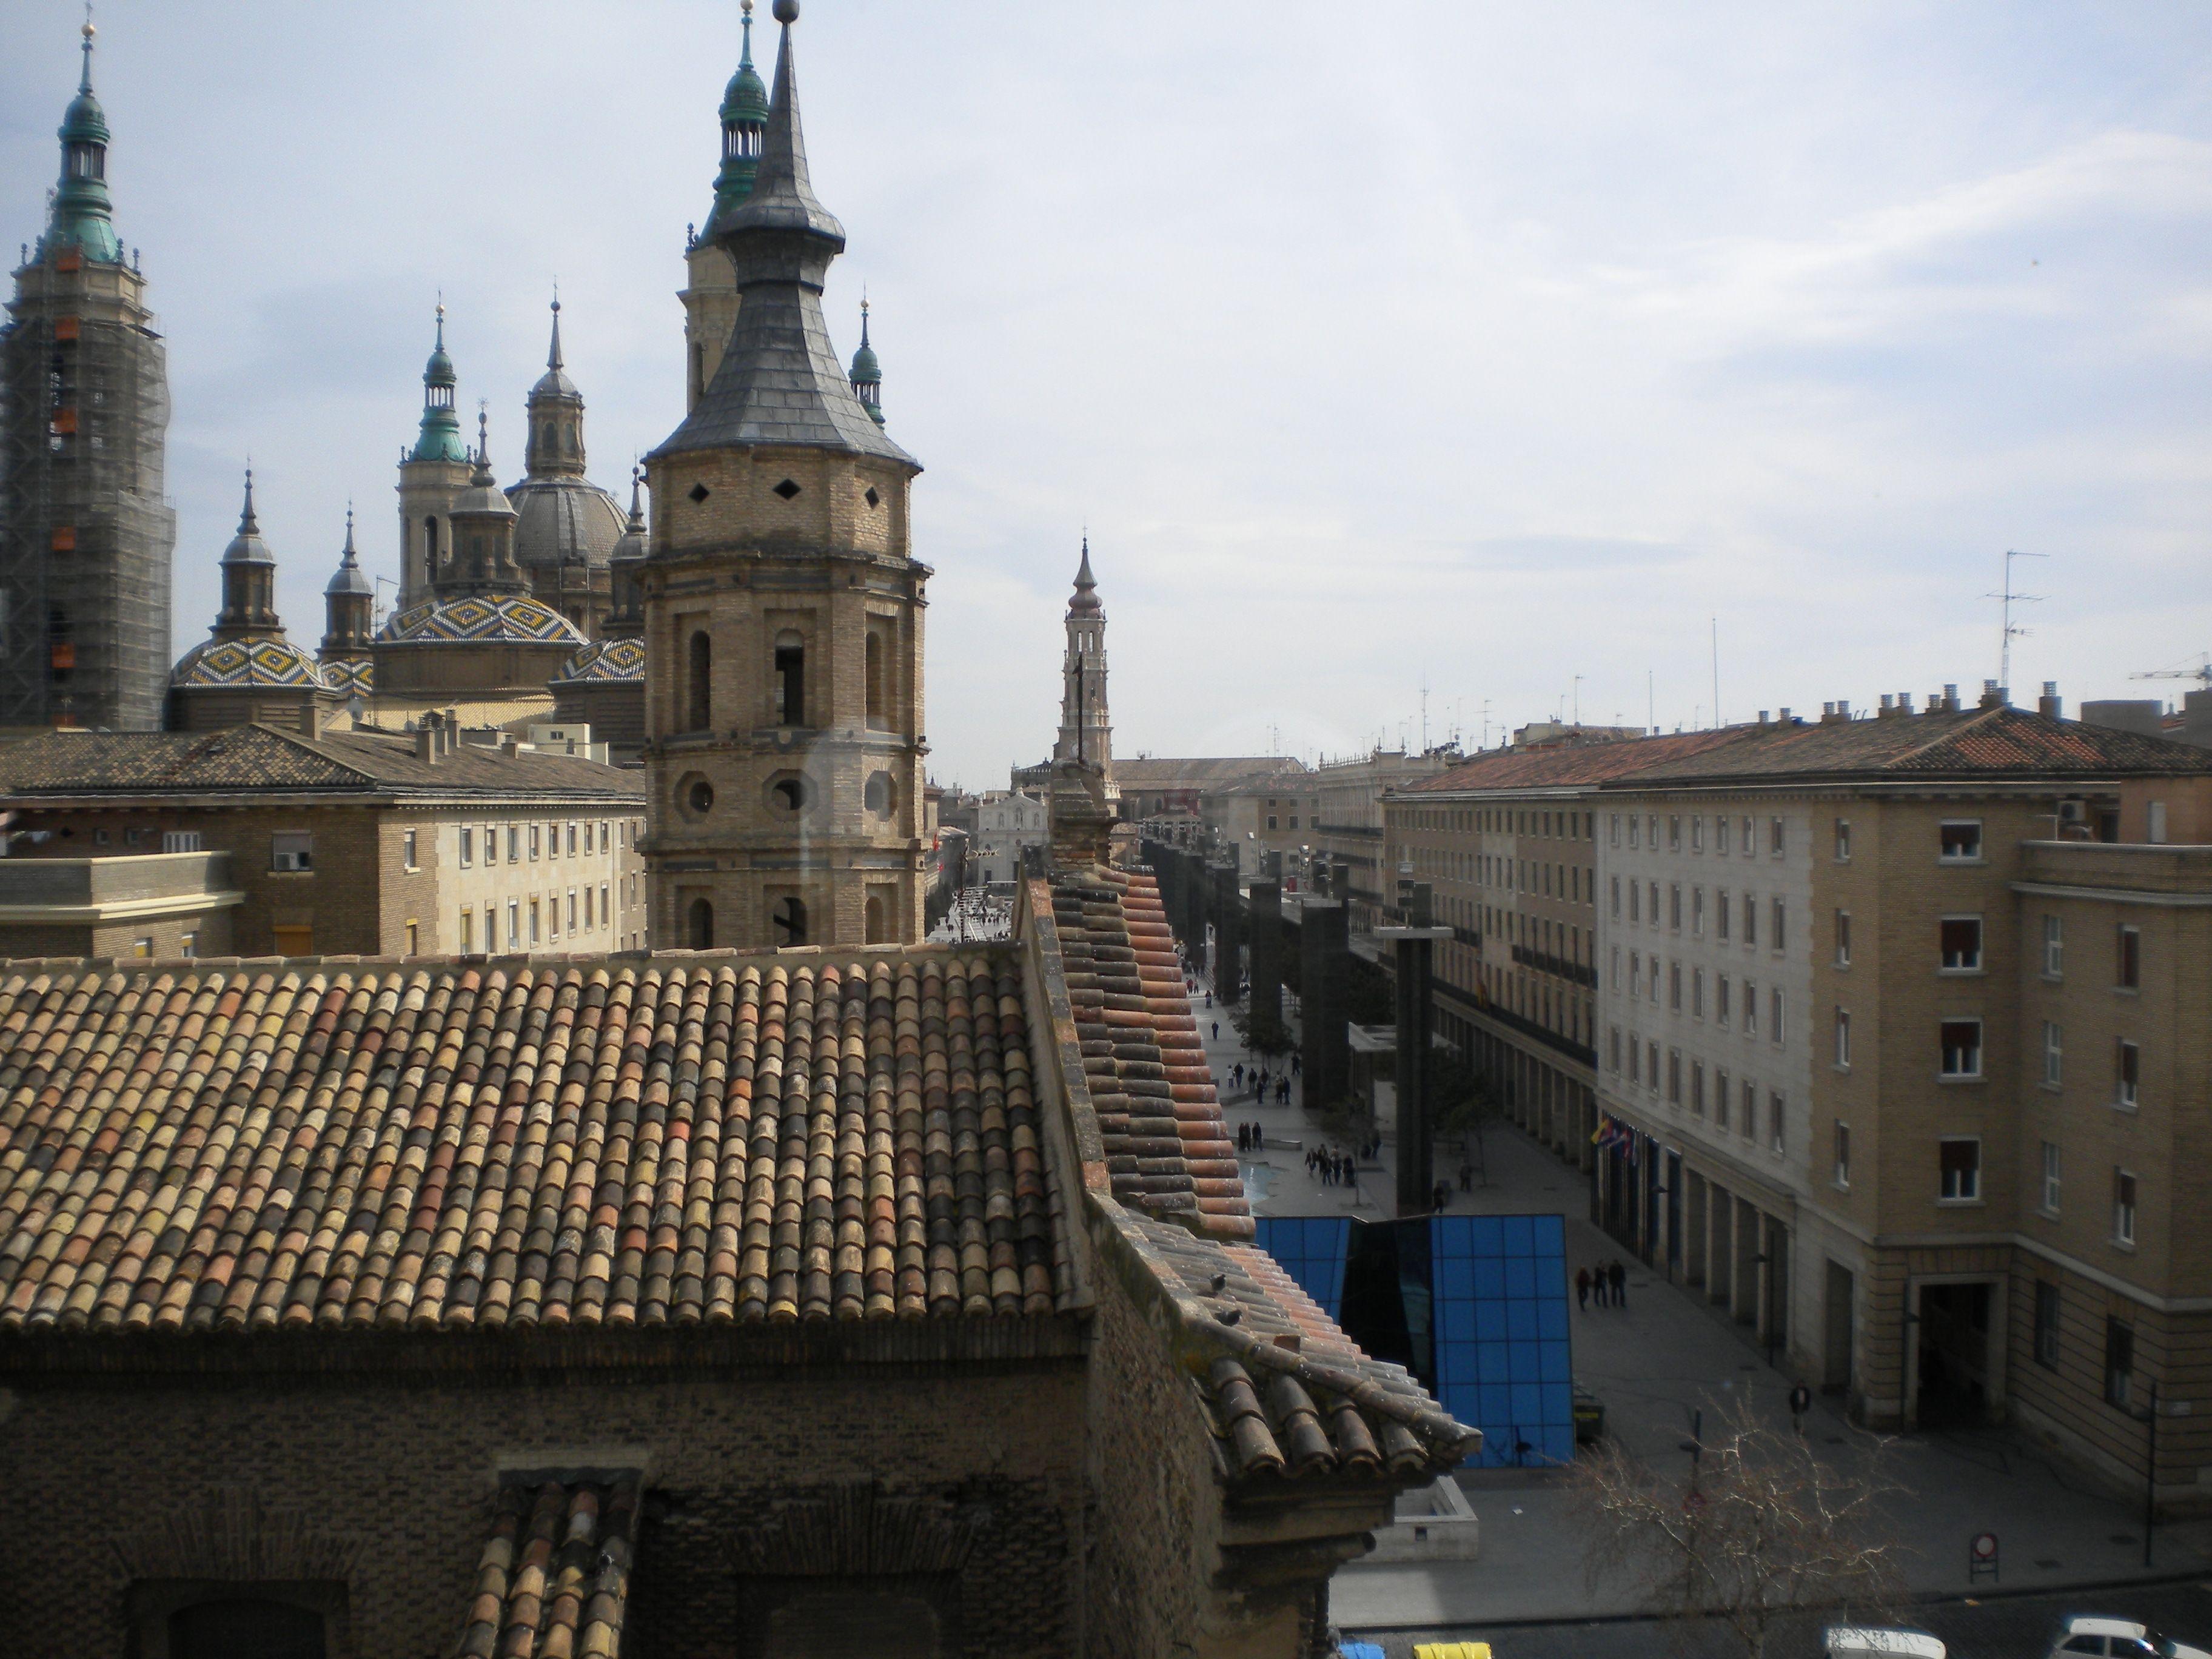 El Torreon de la Zuda fue la sede de los gobernadores musulmanes de Zaragoza. Fue construido aprovechando uno de los torreones de la muralla romana. Después de la reconquista cristiana se convirtió en el palacio residencial de los reyes de Aragón, desde Alfonso I el Batallador a Jaime I el Conquistador.